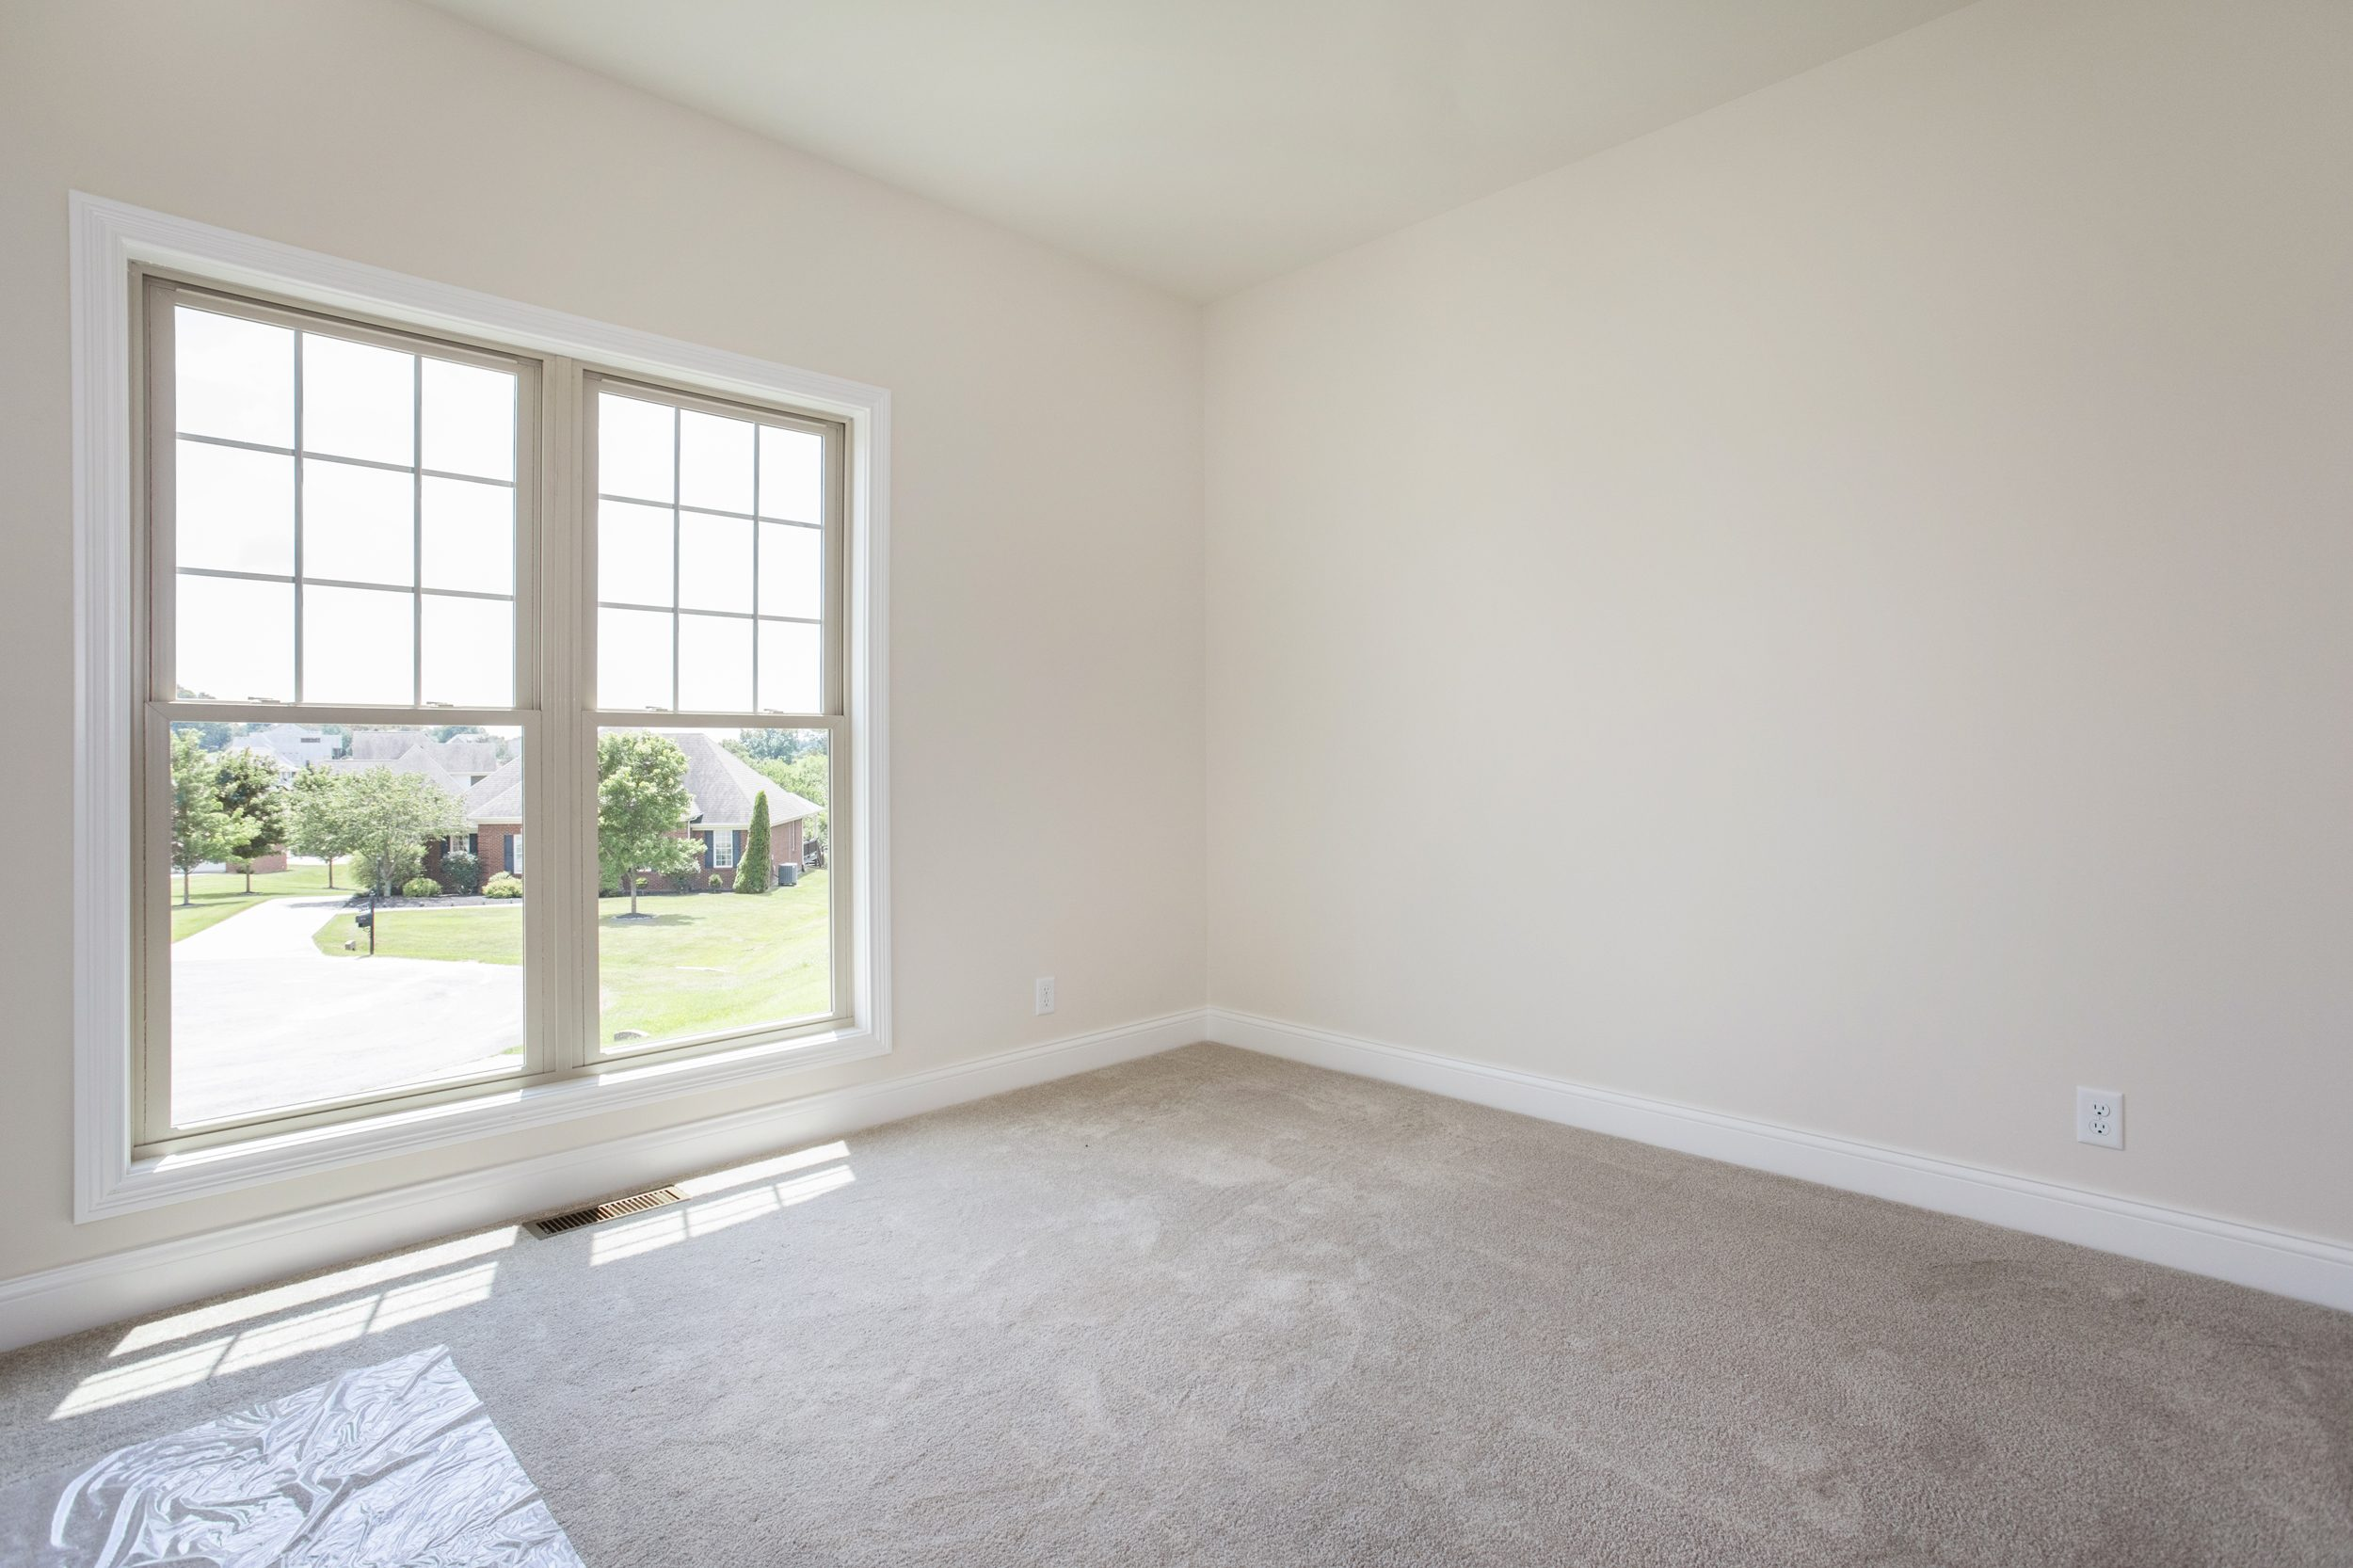 37-bedroom #2